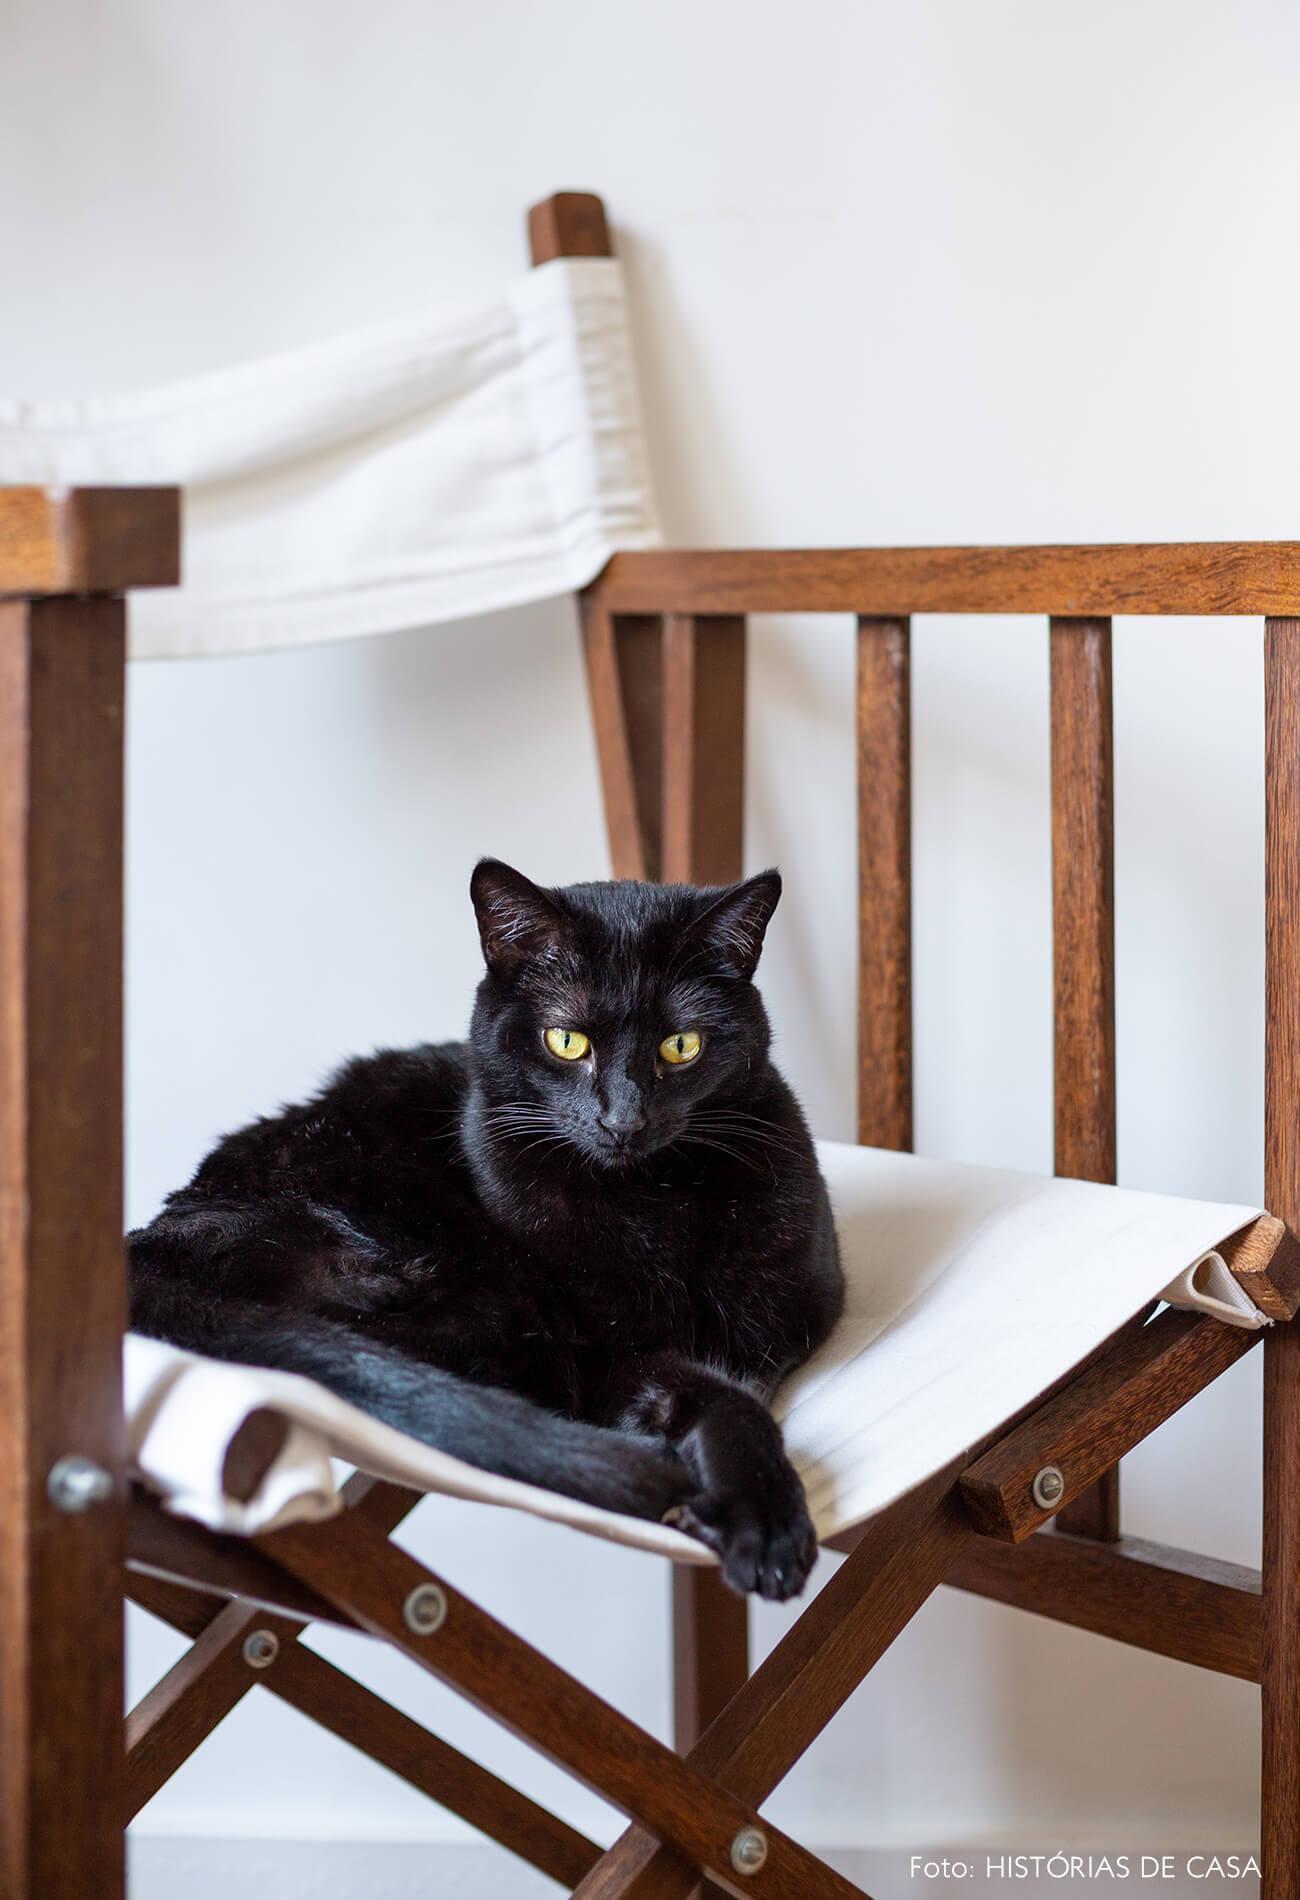 retrato-pet-gato-preto-na-cadeira-de-madeira